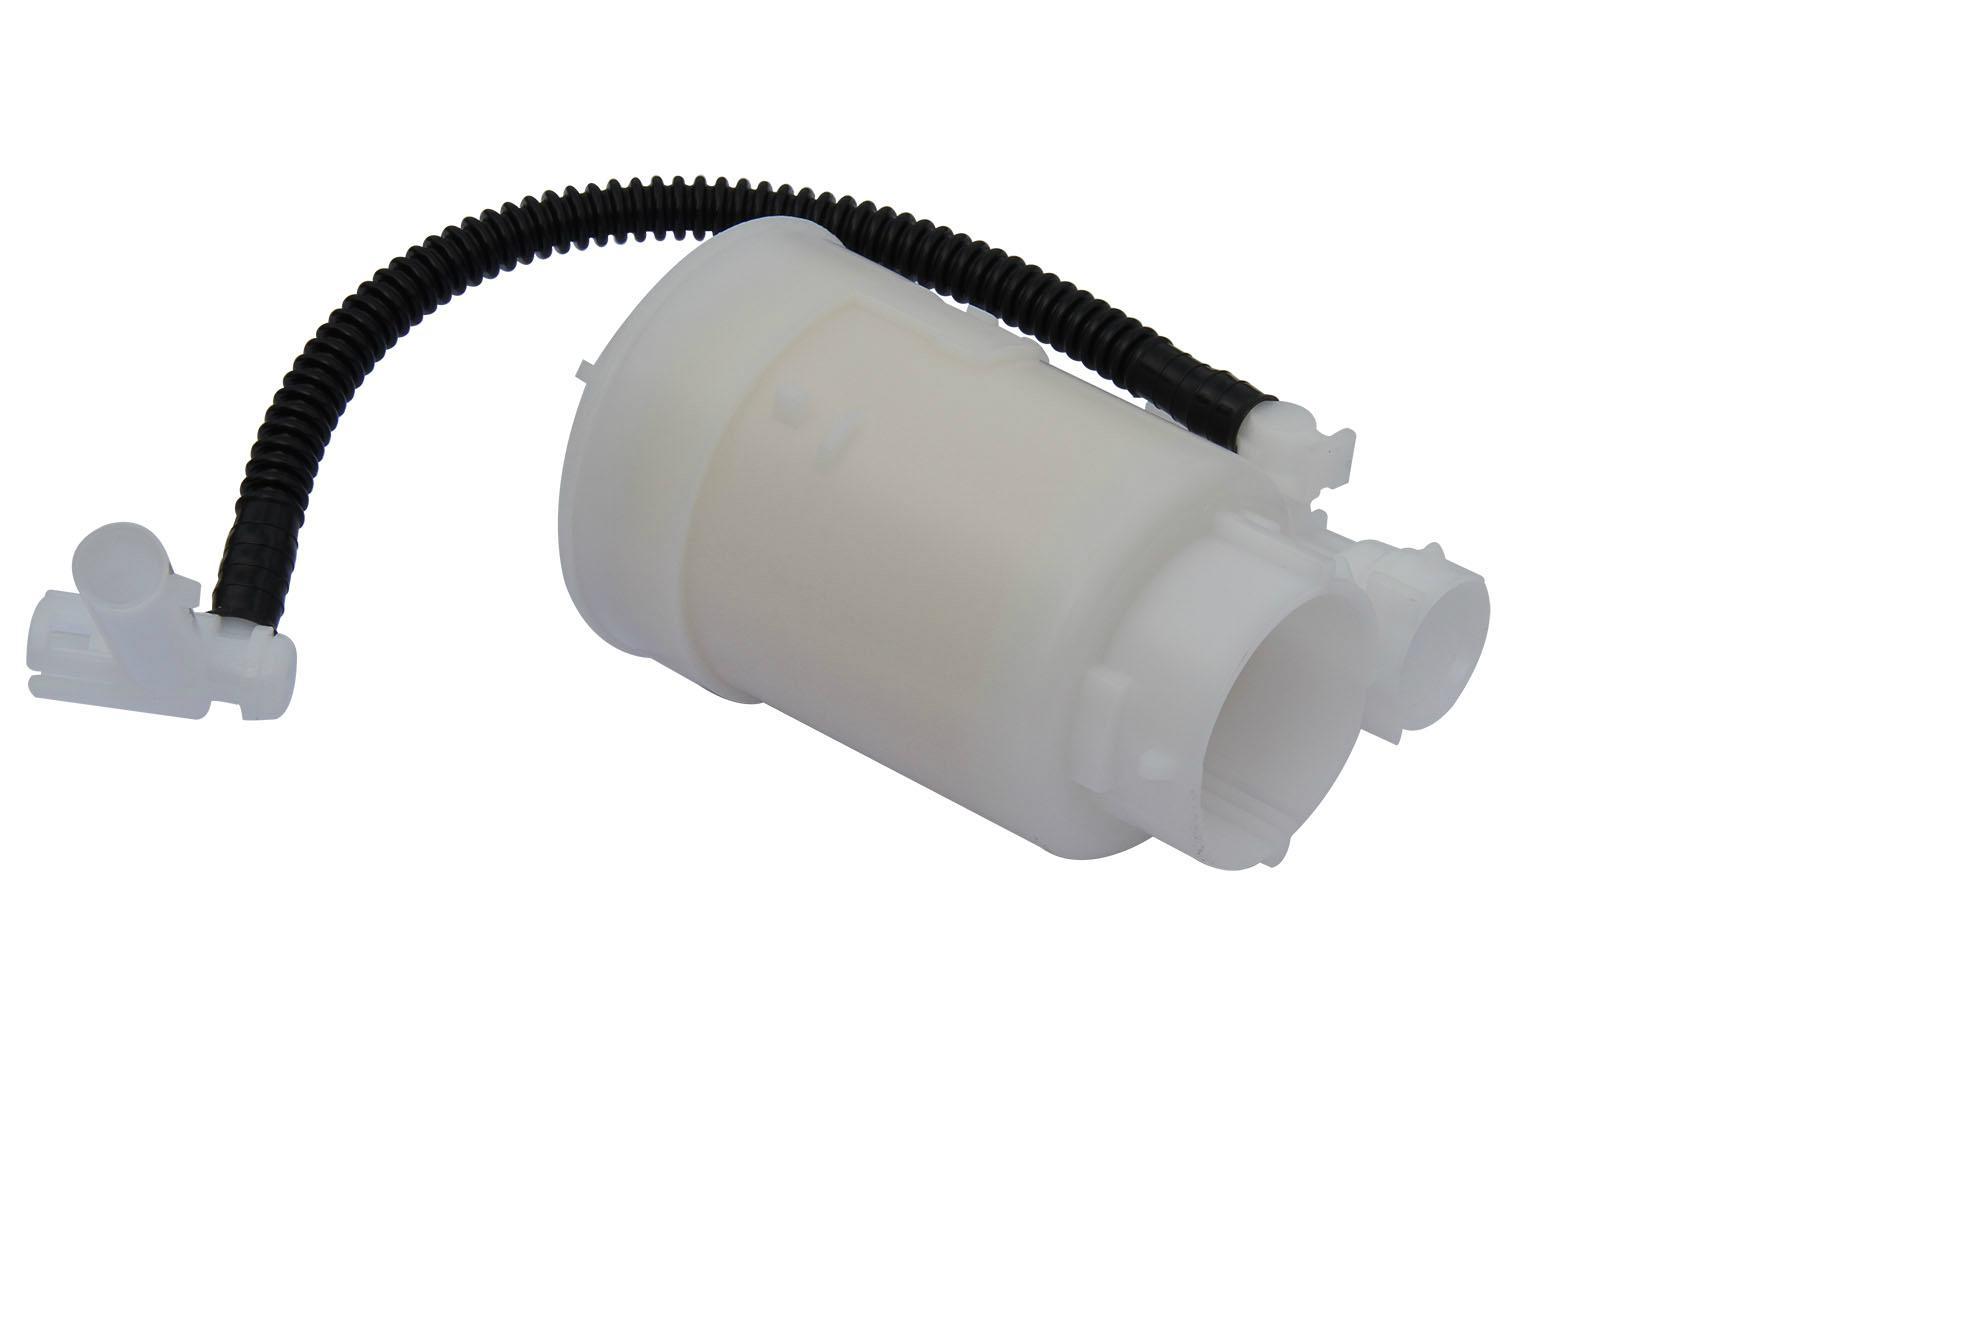 فلتر بنزين داخل التانك كورى ONNURI كيا سيراتو ( 2014 - 2018 )